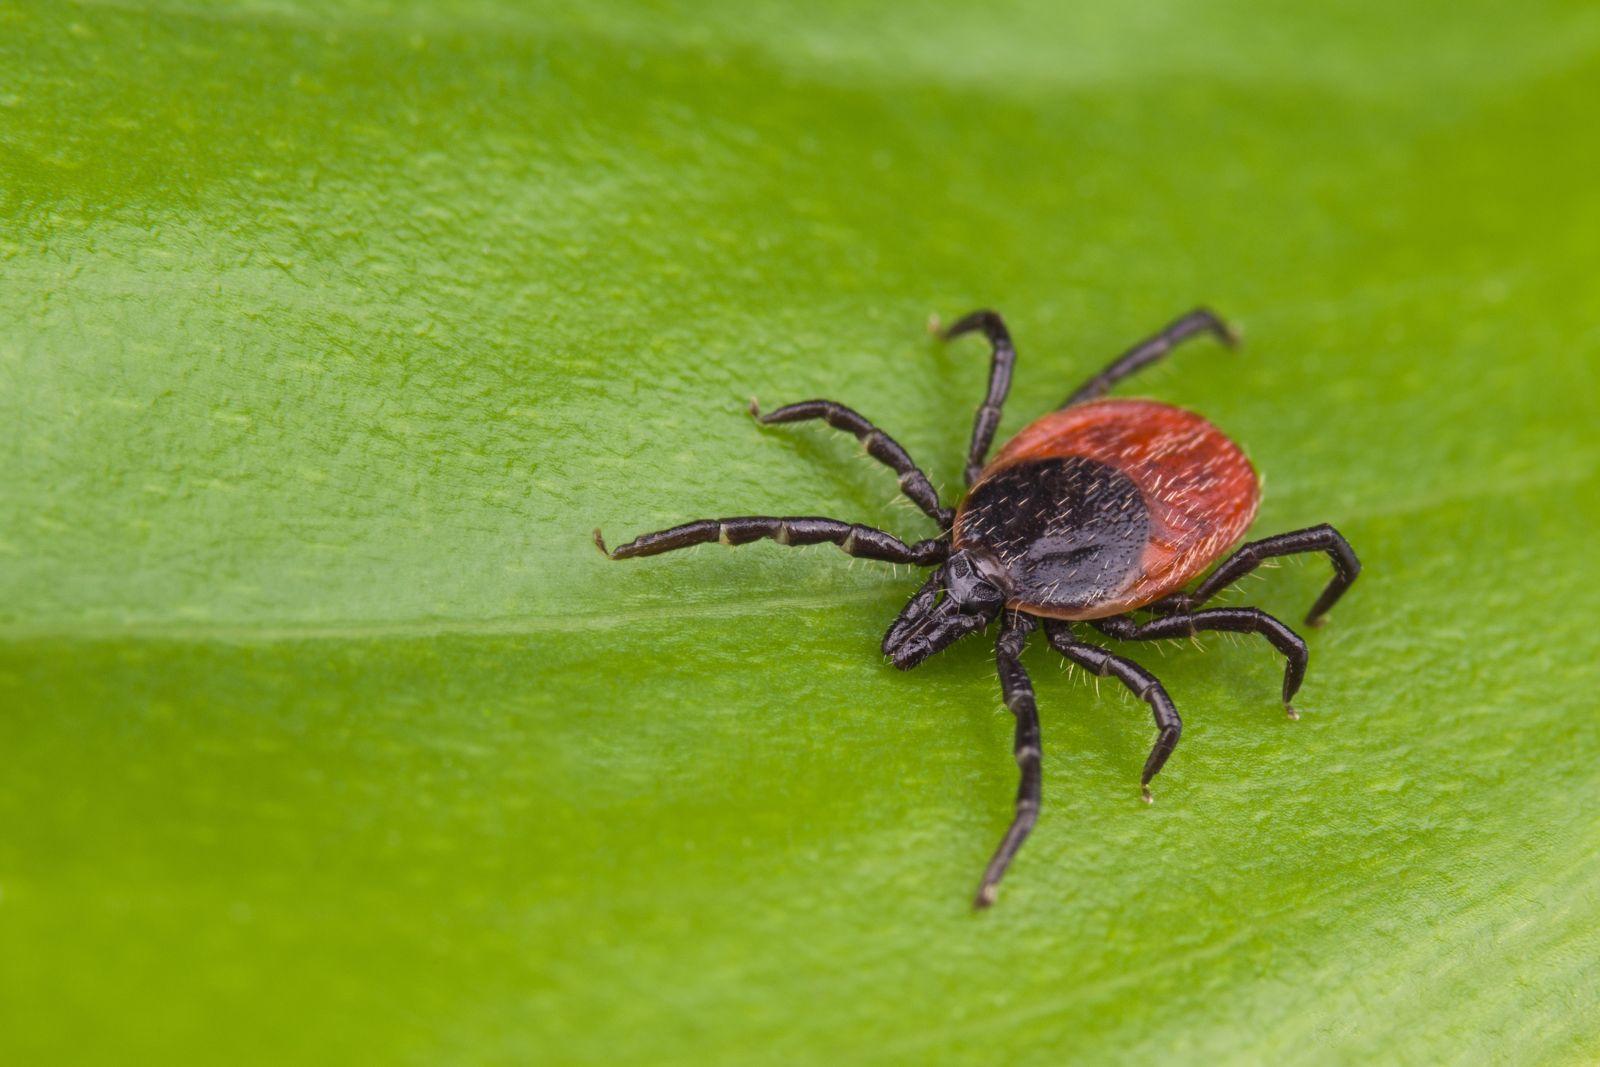 Adult black-legged tick